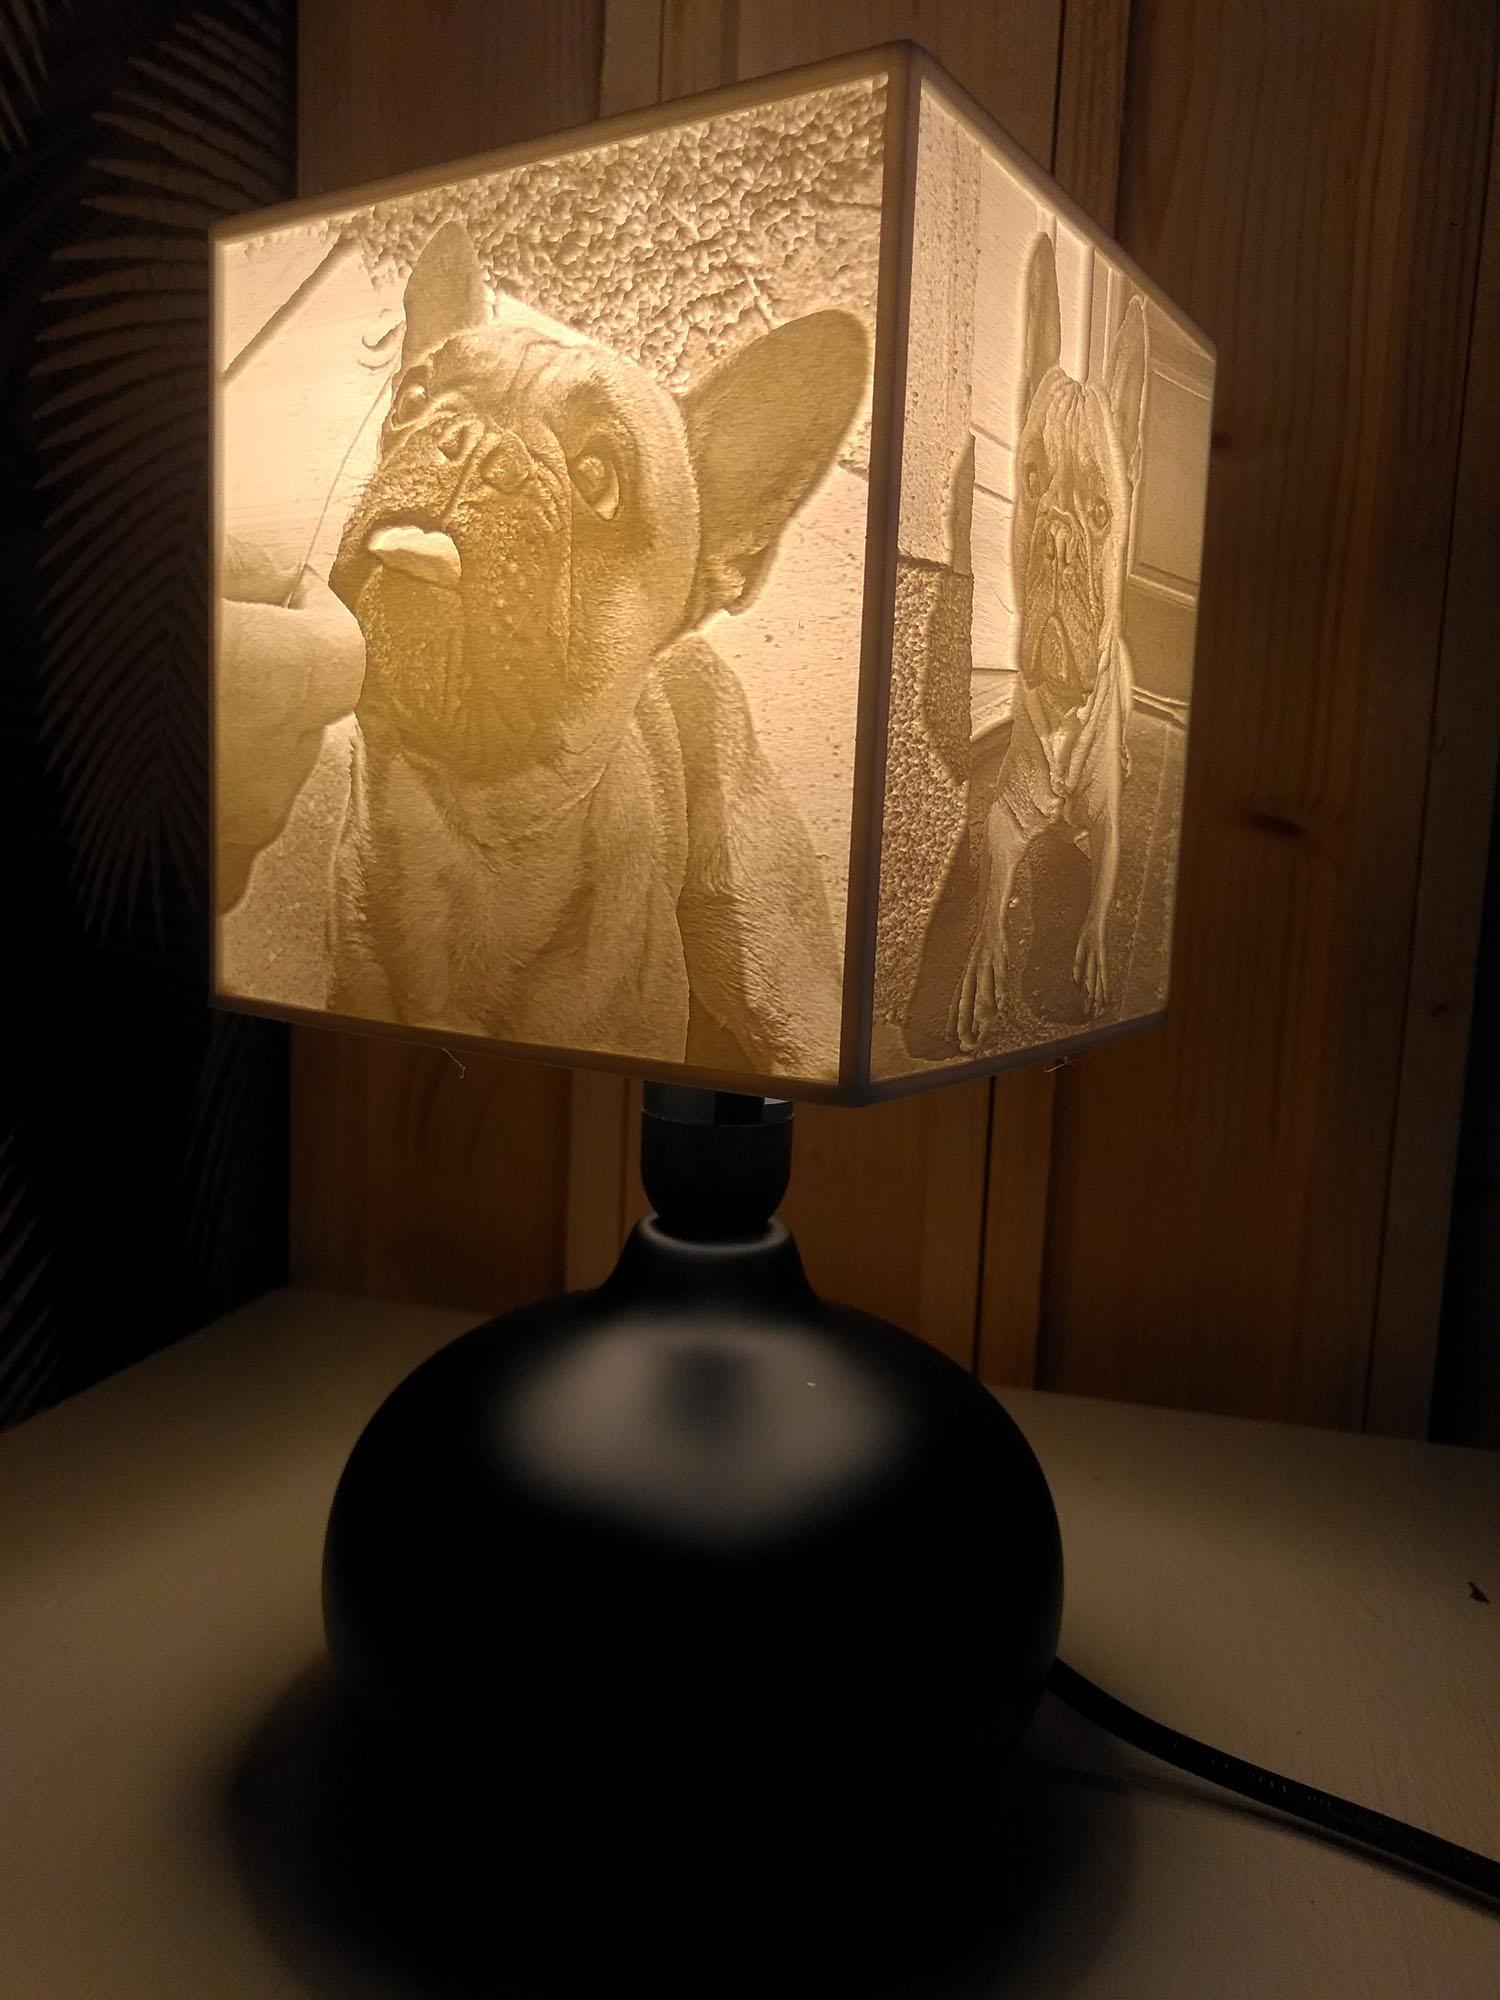 Egyedi fényképes lámpa - Kedvenc kisállatok